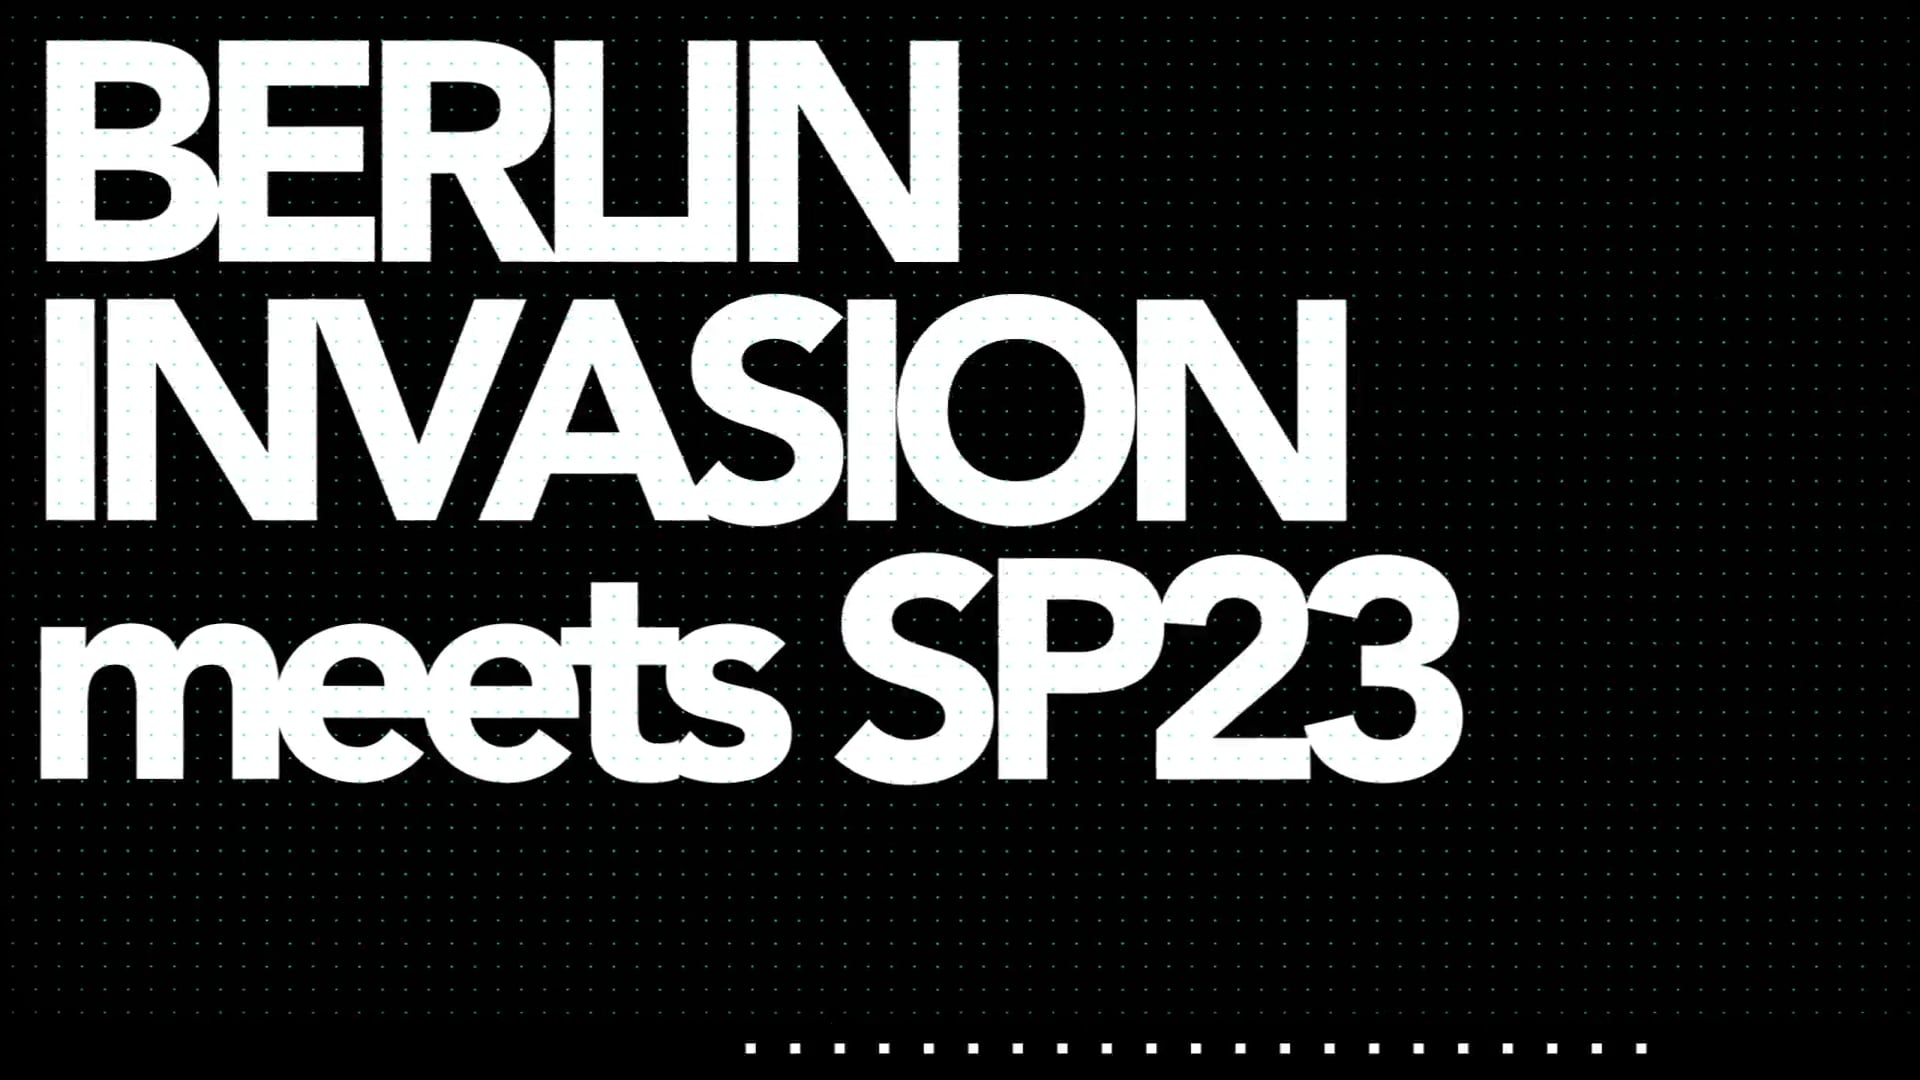 BERLIN INVASION meets SP23